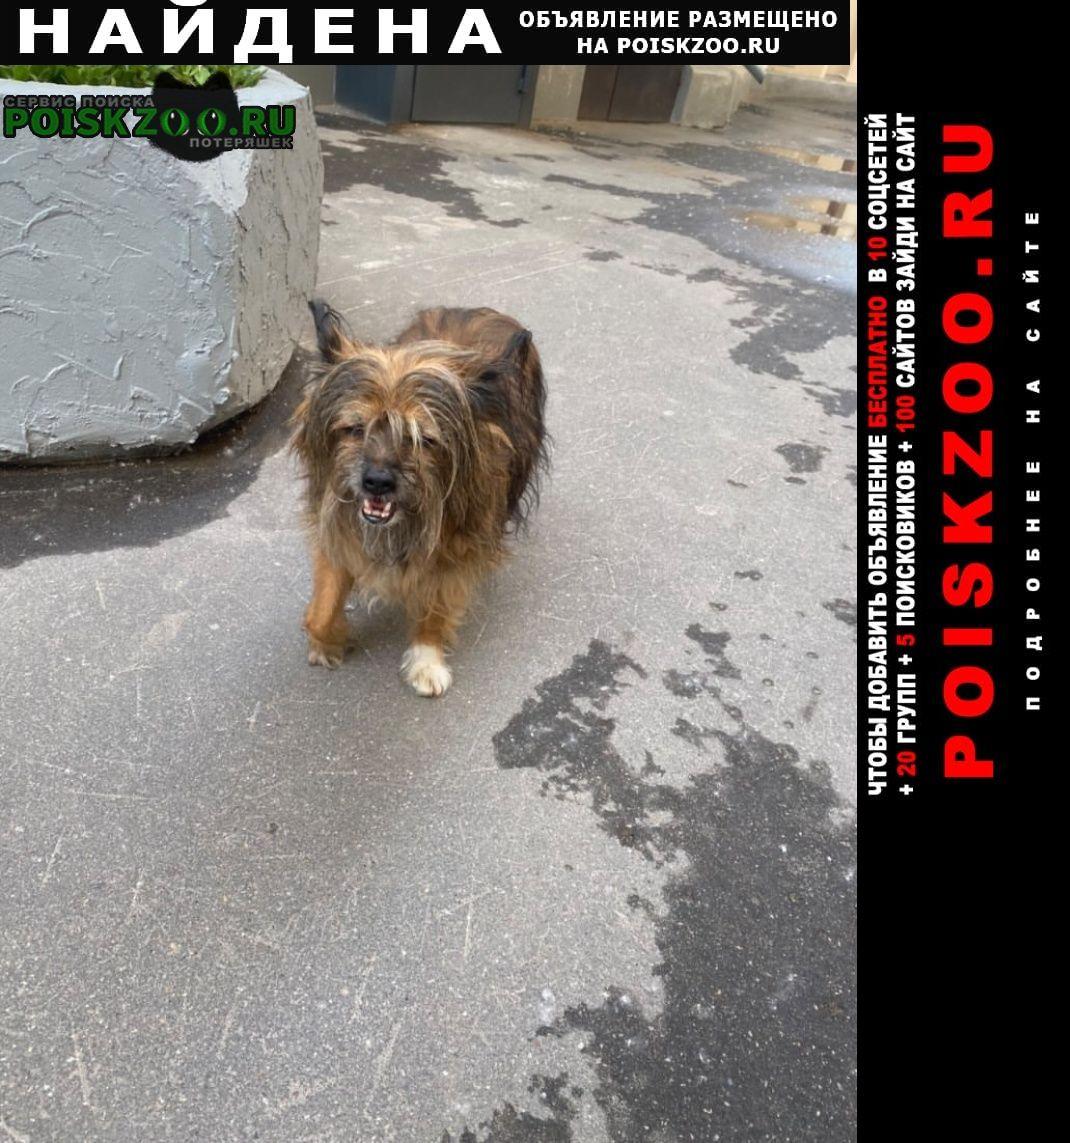 Найдена собака кобель земляной вал 21 собачка Москва